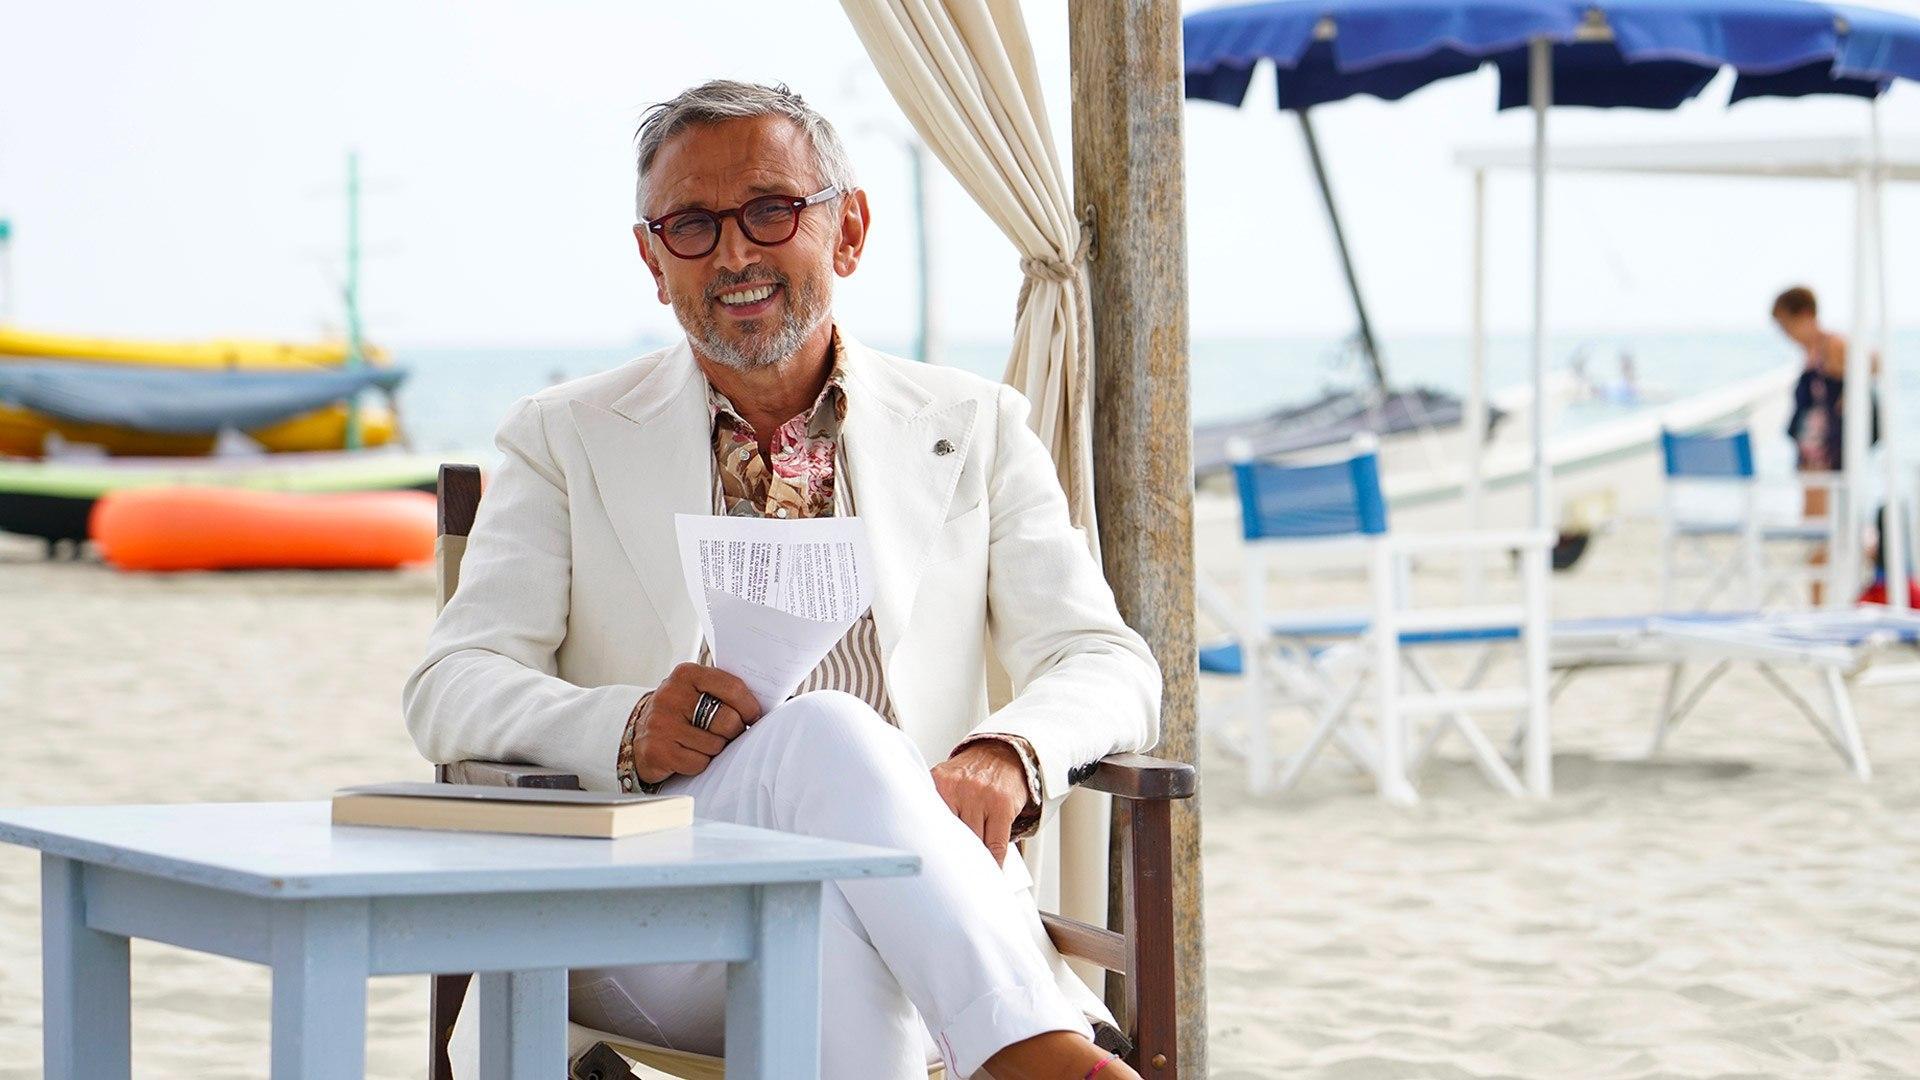 Bruno Barbieri 4 Hotel, la puntata in Versilia la più vista di sempre